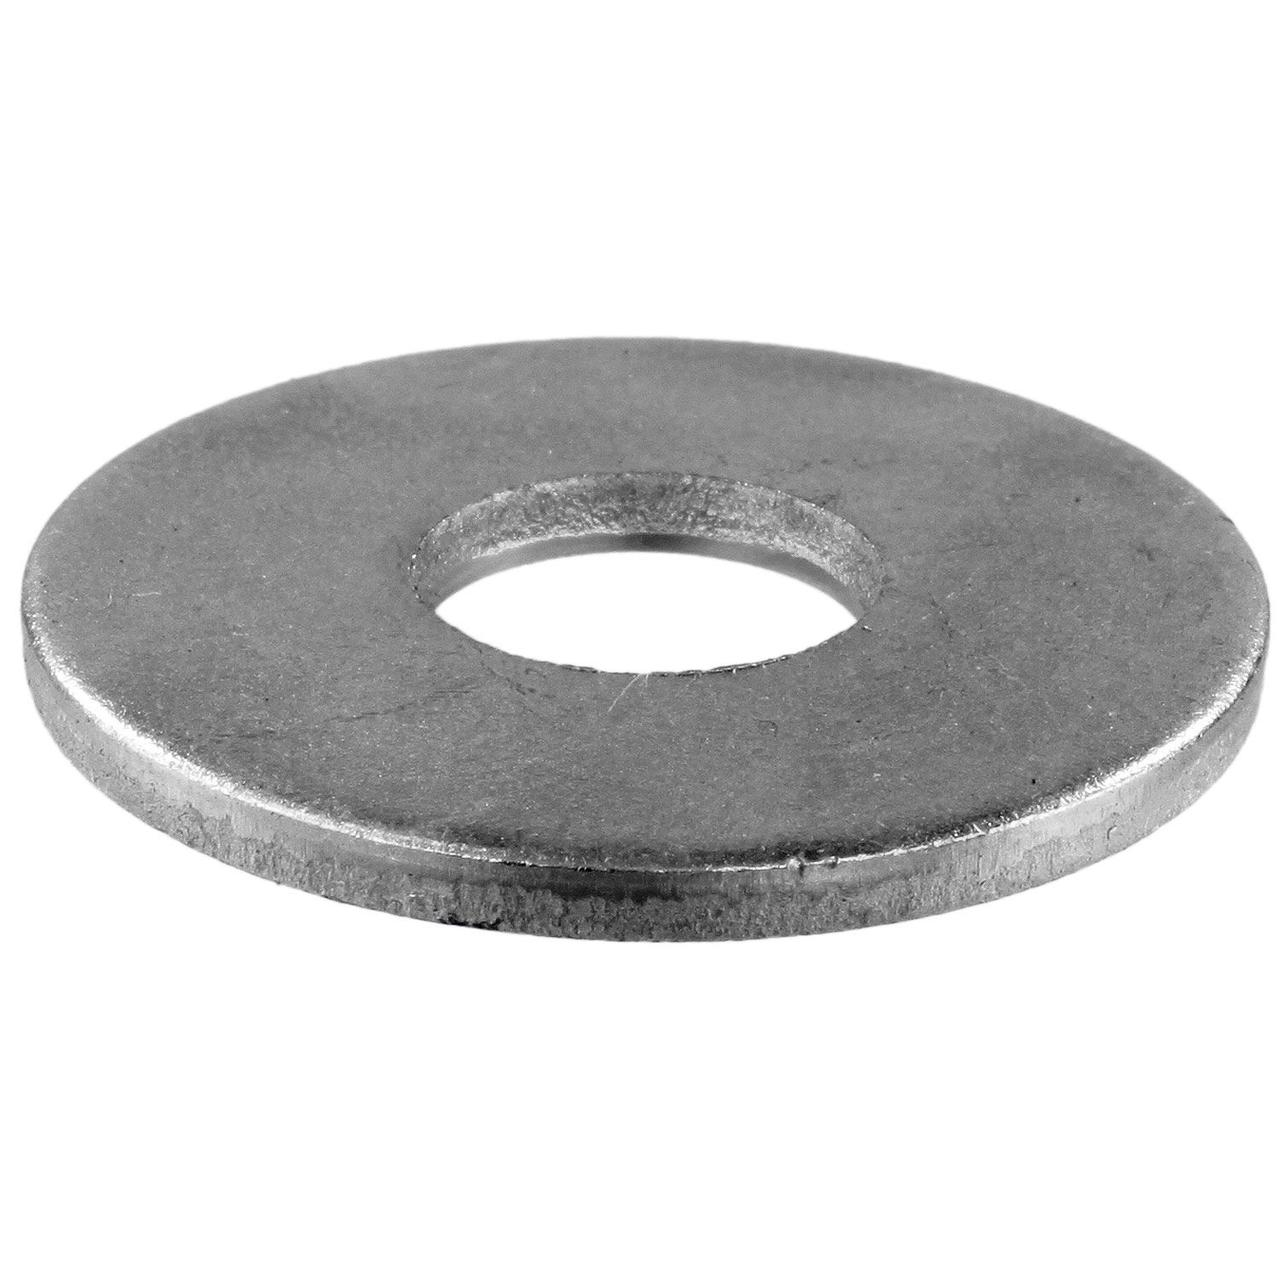 Кольцо 40ХН2МА 800х190х220 мм